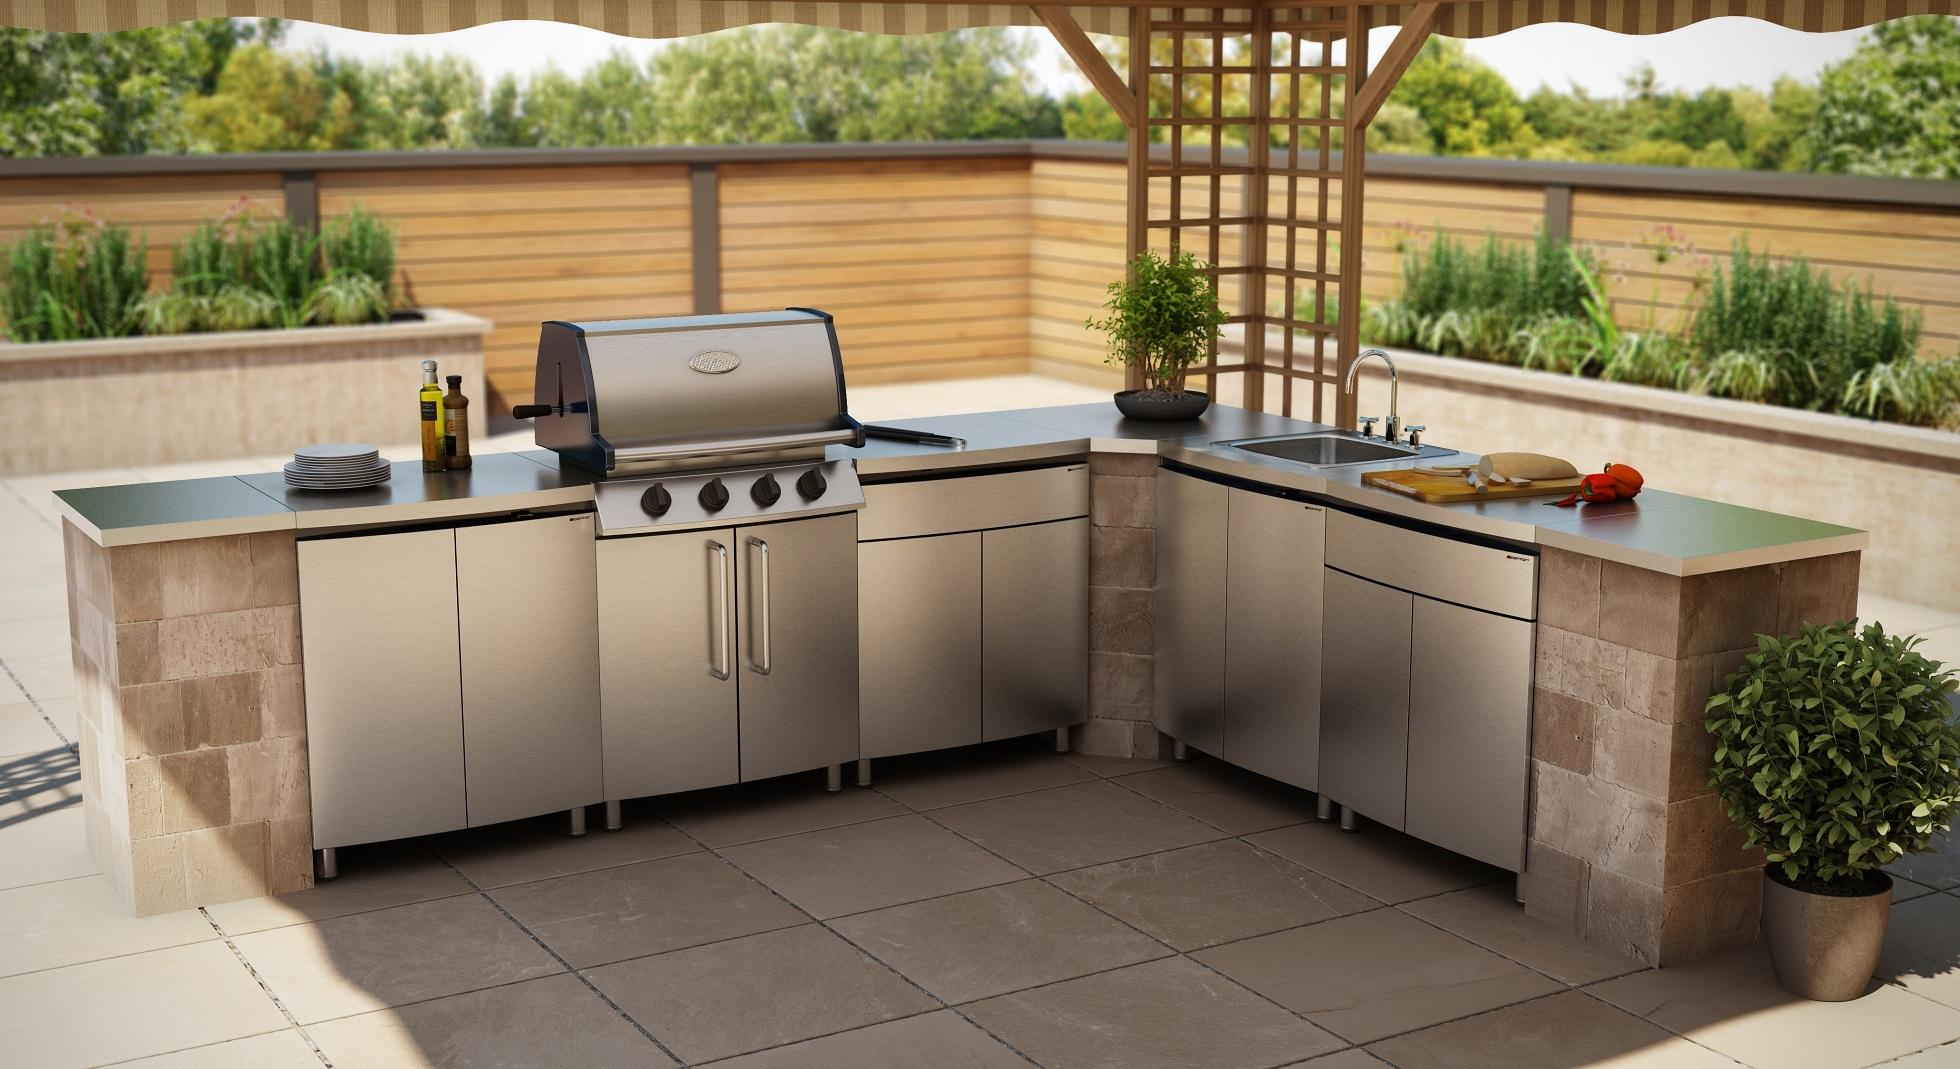 2019 Vermont Modular Outdoor Kitchens Stainless Steel Bbq ...